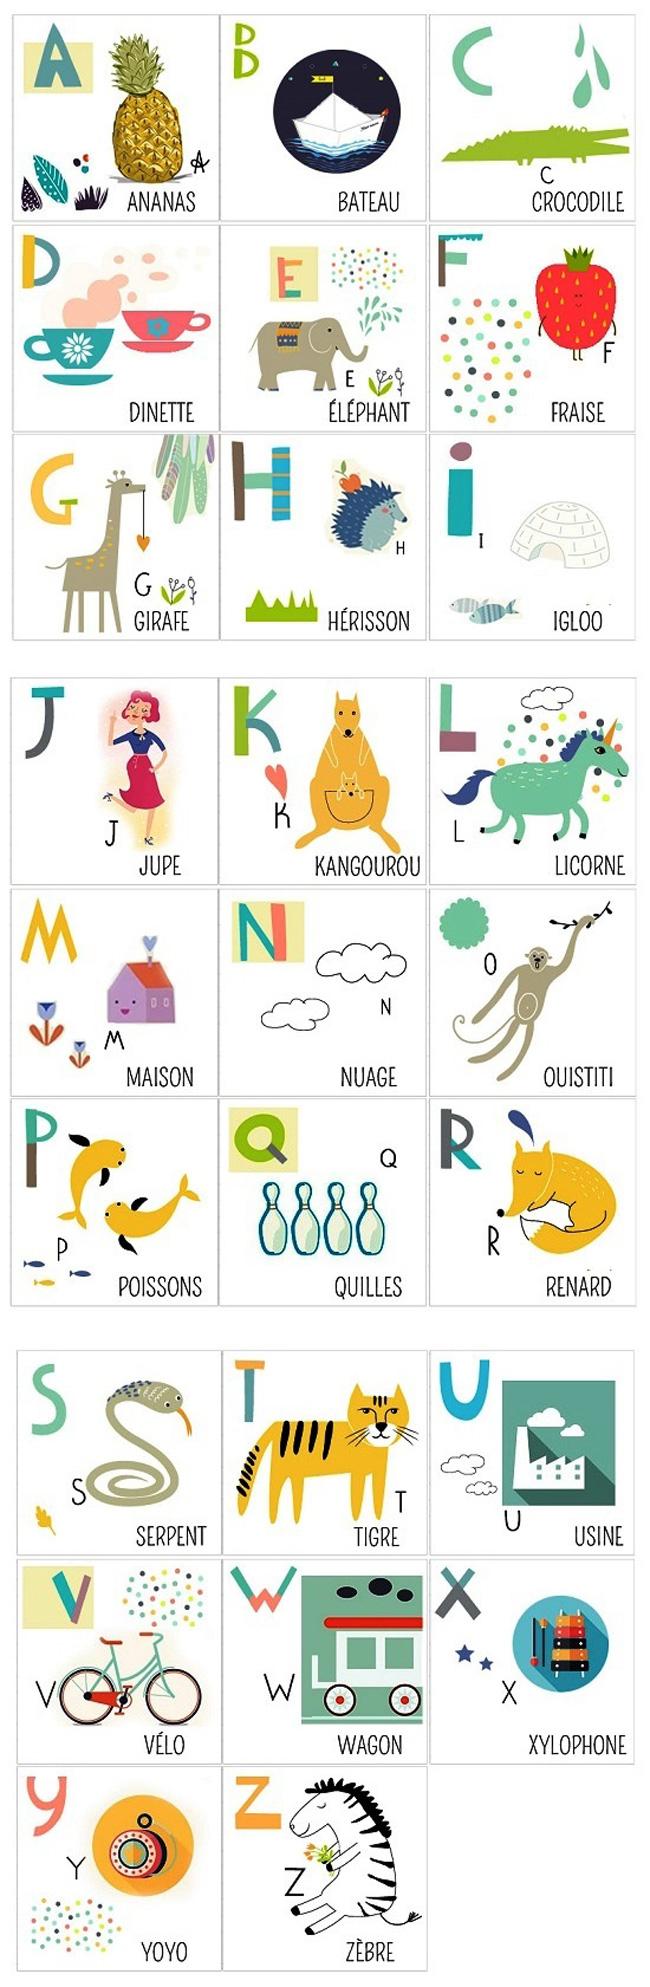 Alfabet - słownictwo 7 - Francuski przy kawie